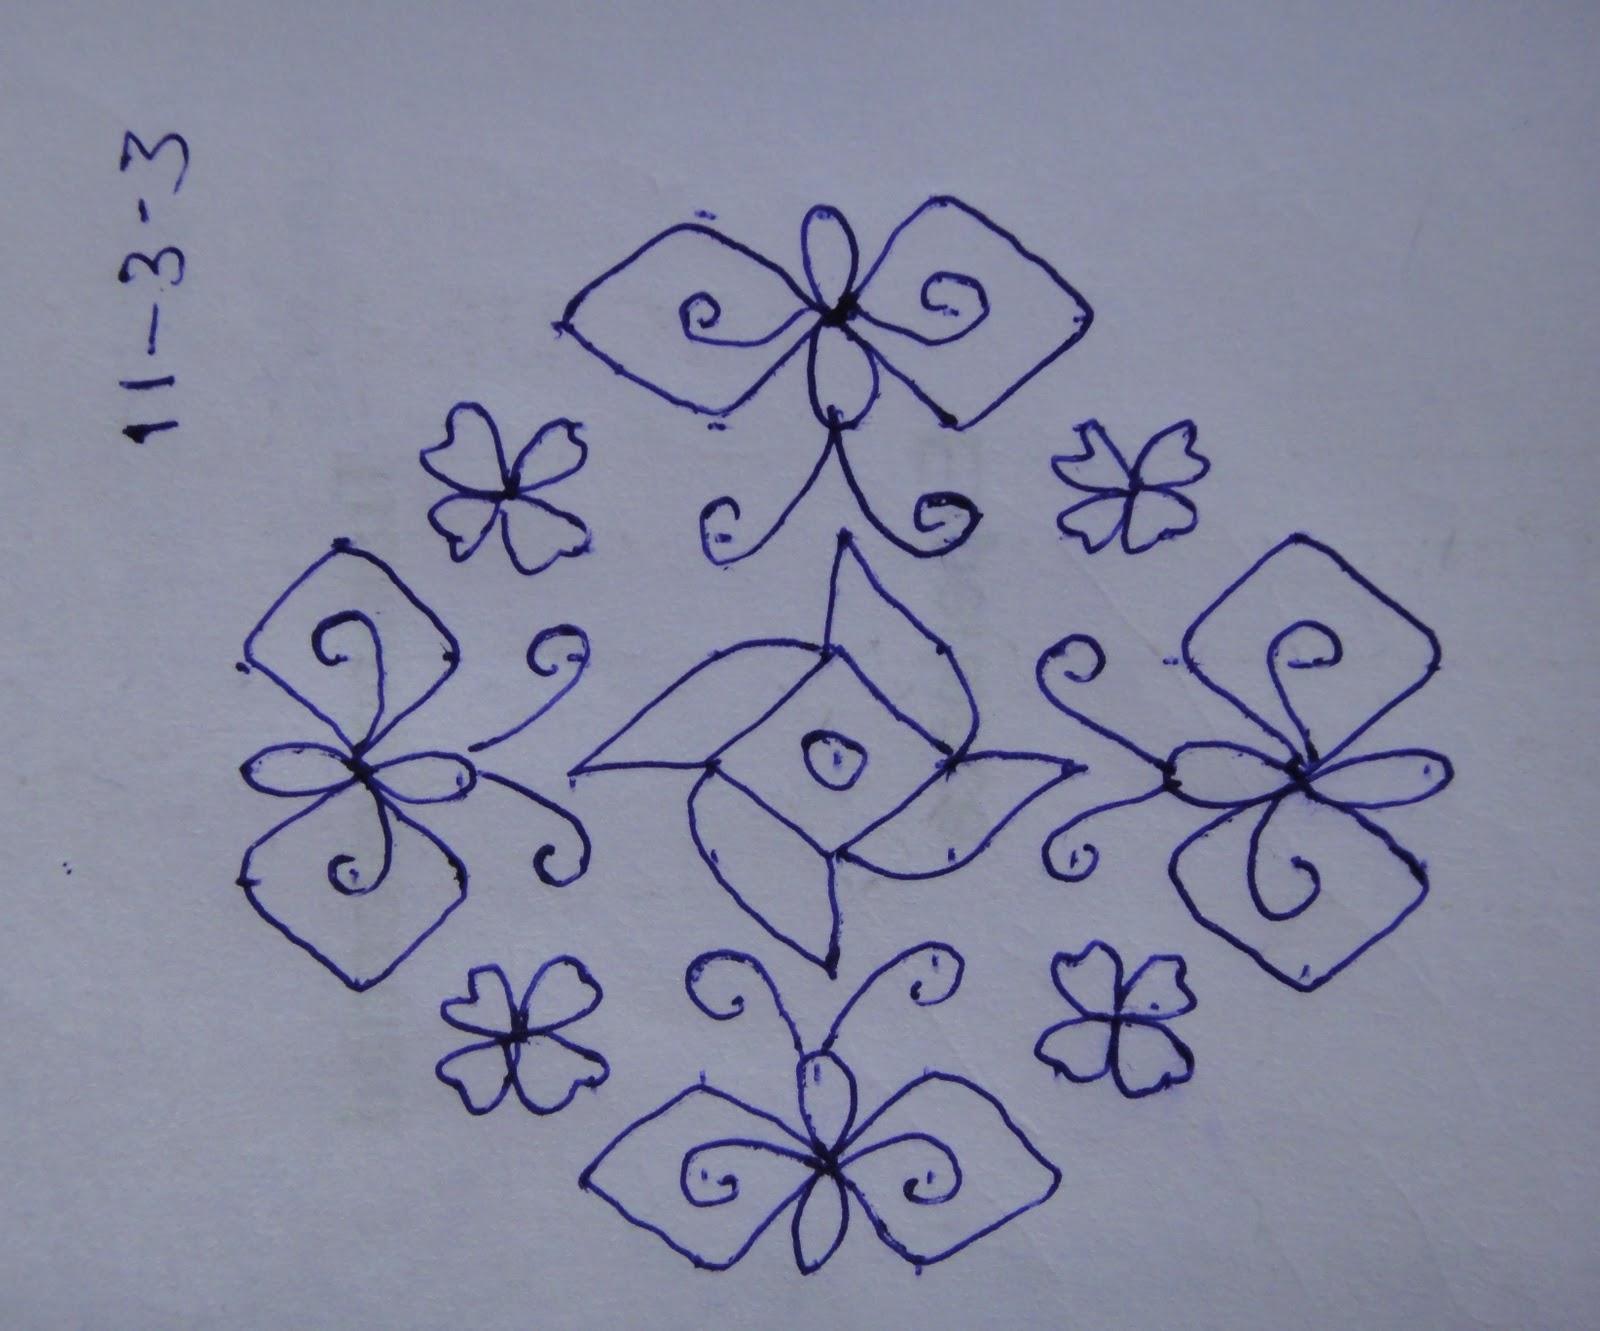 http://4.bp.blogspot.com/-CK-TiusWKU4/Tw7ZTMQJ38I/AAAAAAAAAOQ/wpjjijaosD0/s1600/DSC04966.JPG